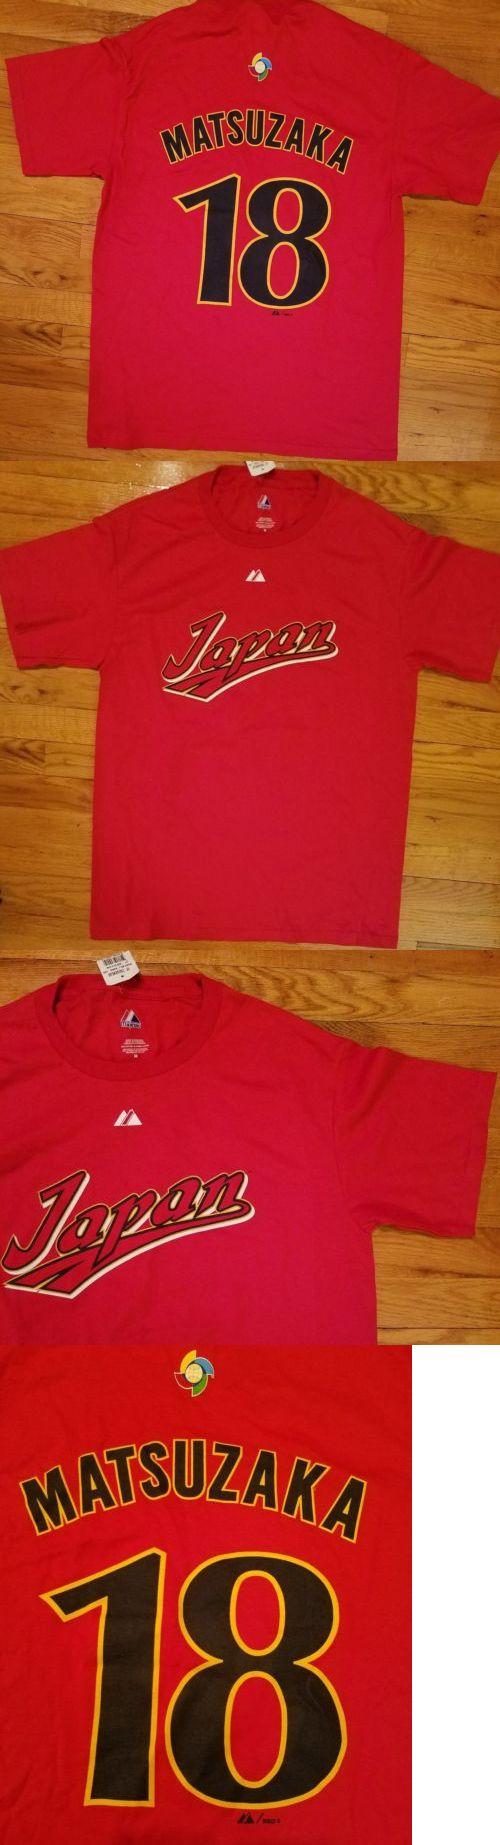 Baseball-Other 204: *Wow* Majestic 2009 World Baseball Classic Matsuzaka Japan Shirt Mens Champions -> BUY IT NOW ONLY: $31.5 on eBay!